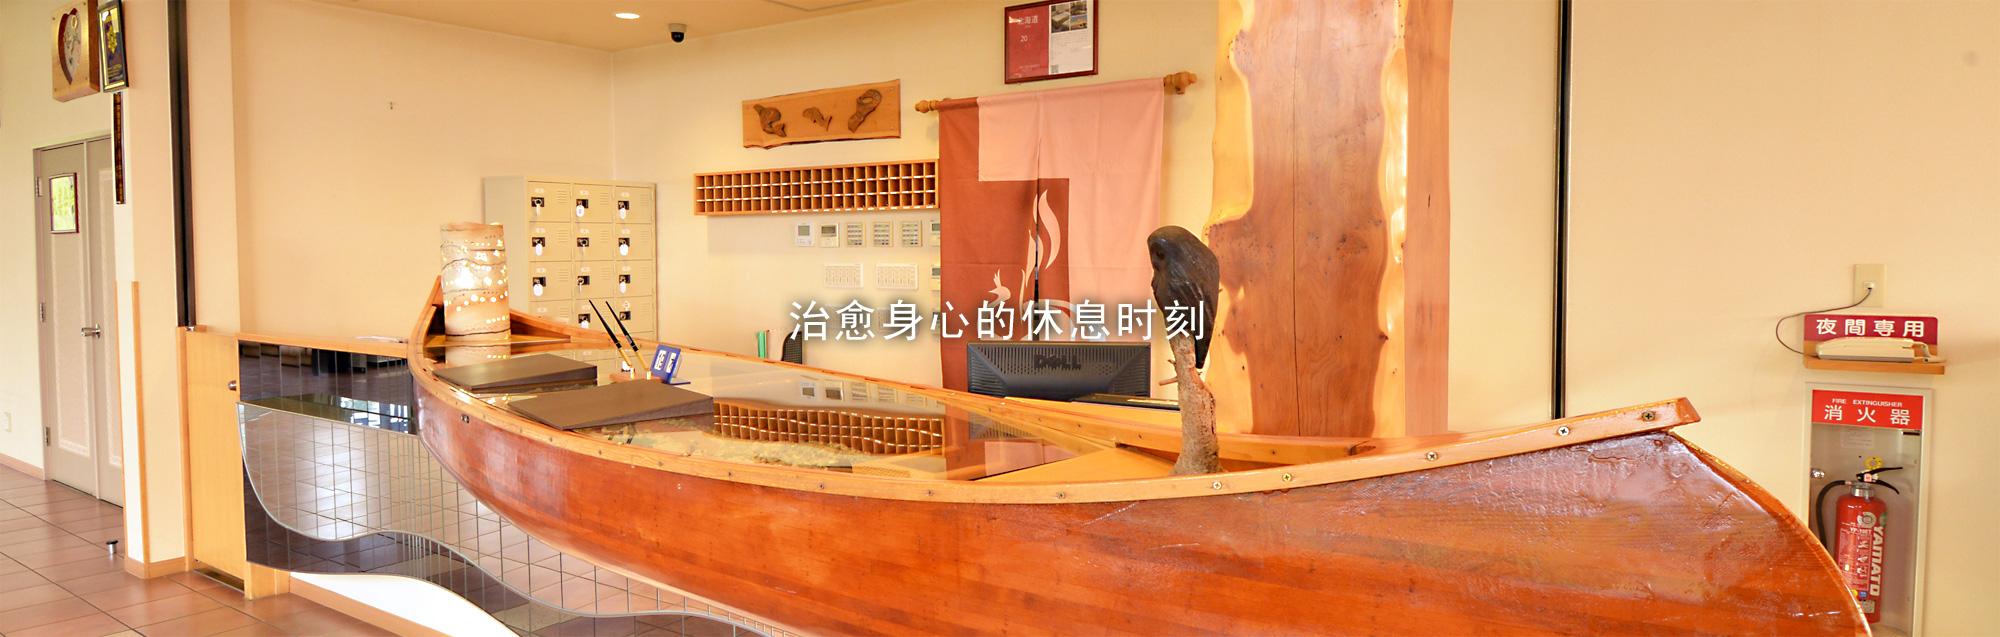 天然温泉酒店 凤乃舞 音更